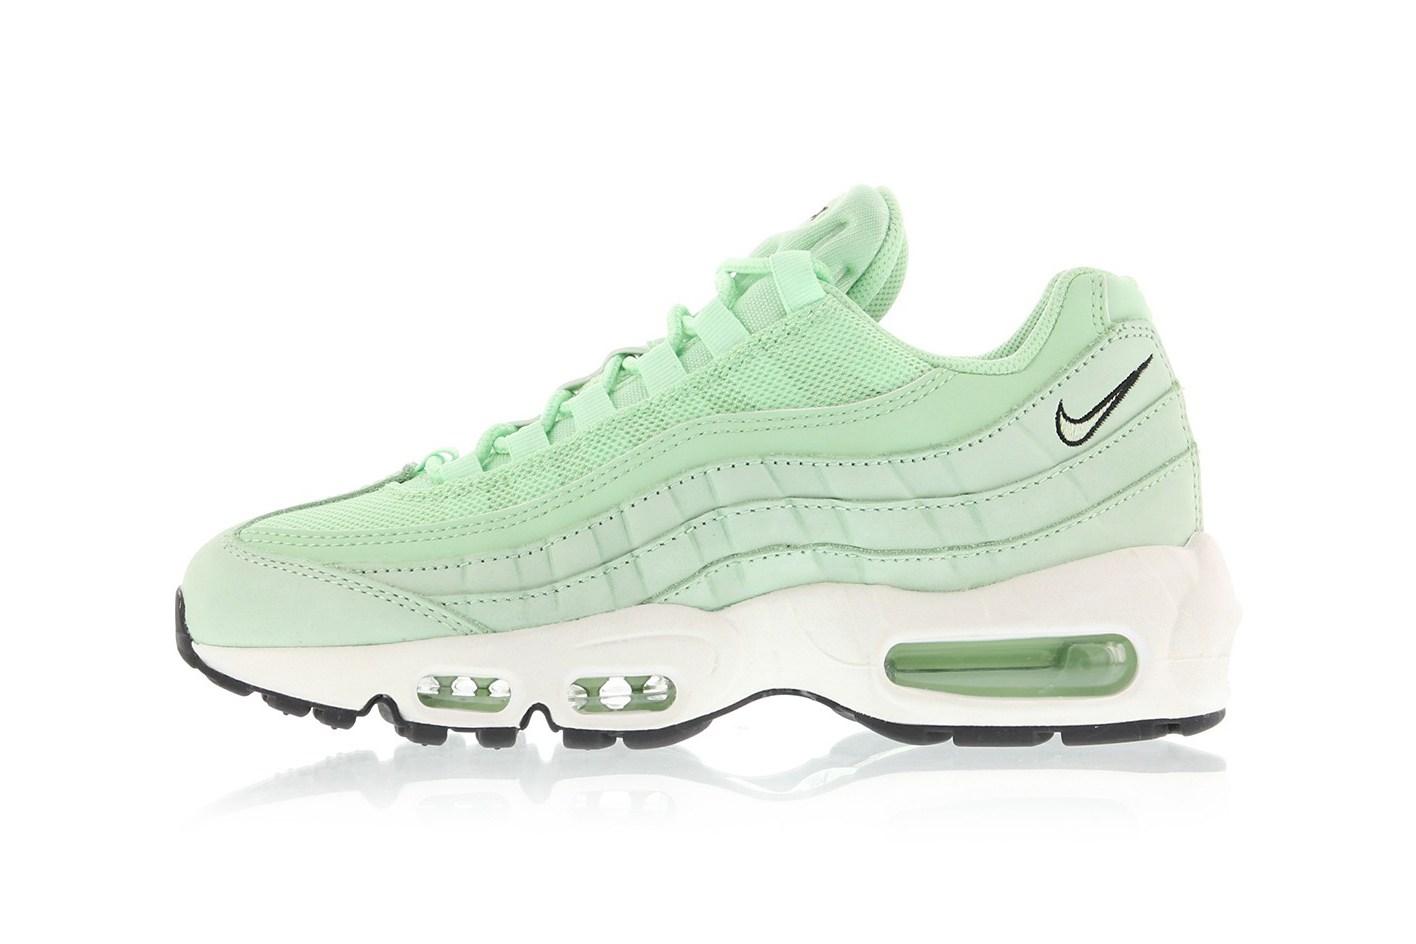 La Nike Air Max 95 obtient un coloris vert menthe pour le printemps